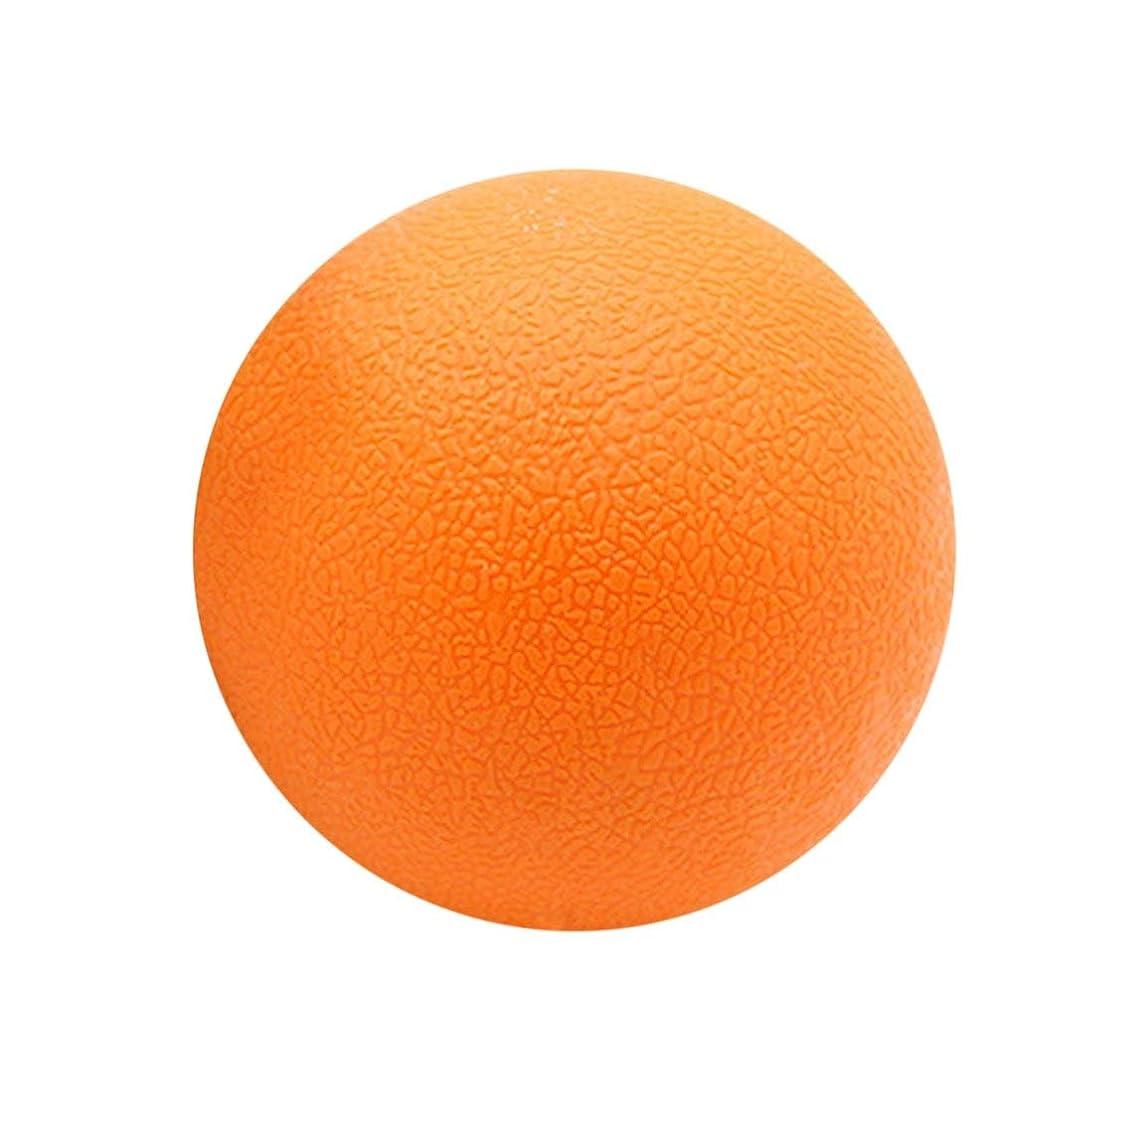 ガイダンストランジスタインフレーションフィットネス緩和ジムシングルボールマッサージボールトレーニングフェイシアホッケーボール6.3 cmマッサージフィットネスボールリラックスマッスルボール - オレンジ